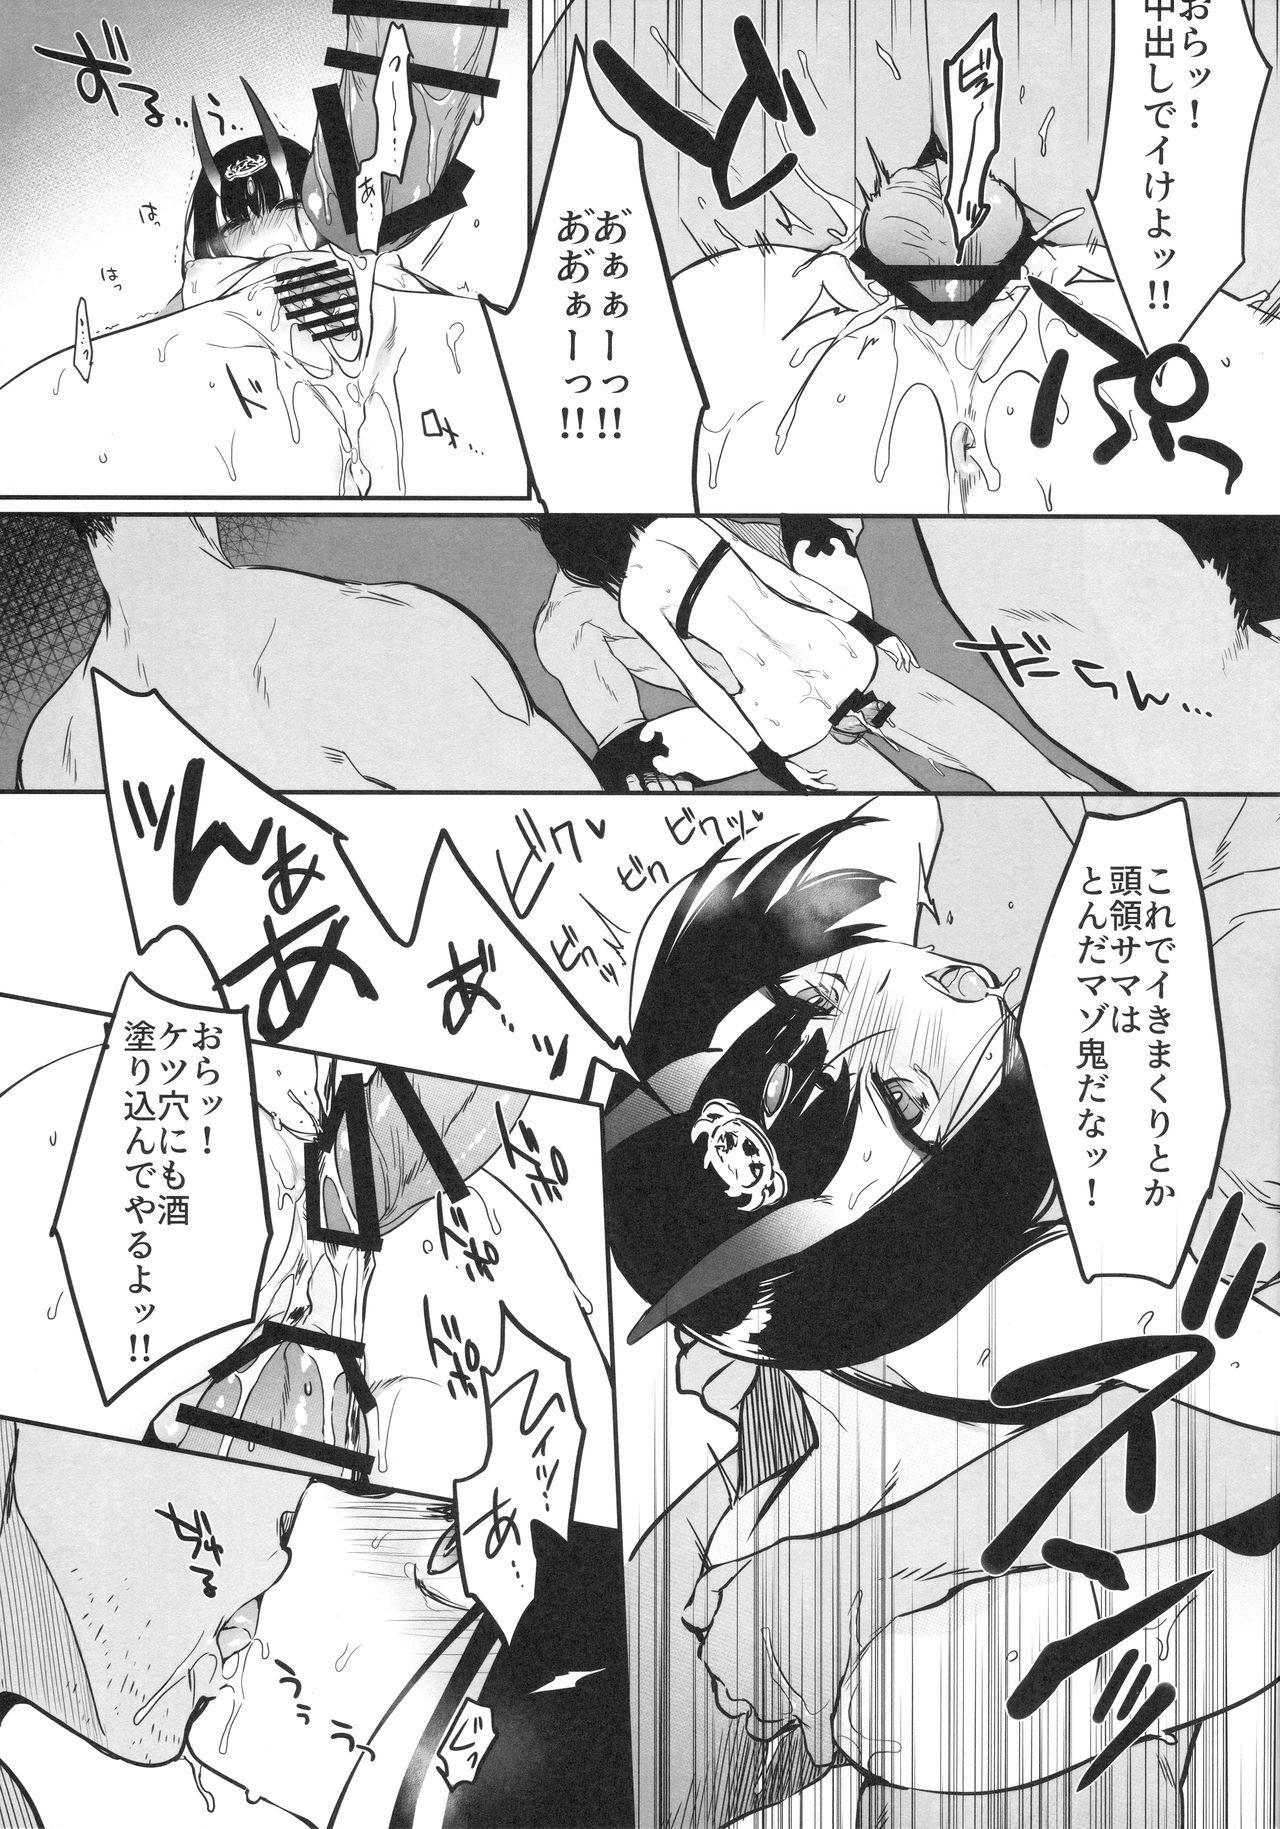 Kidoku no Shuki 21